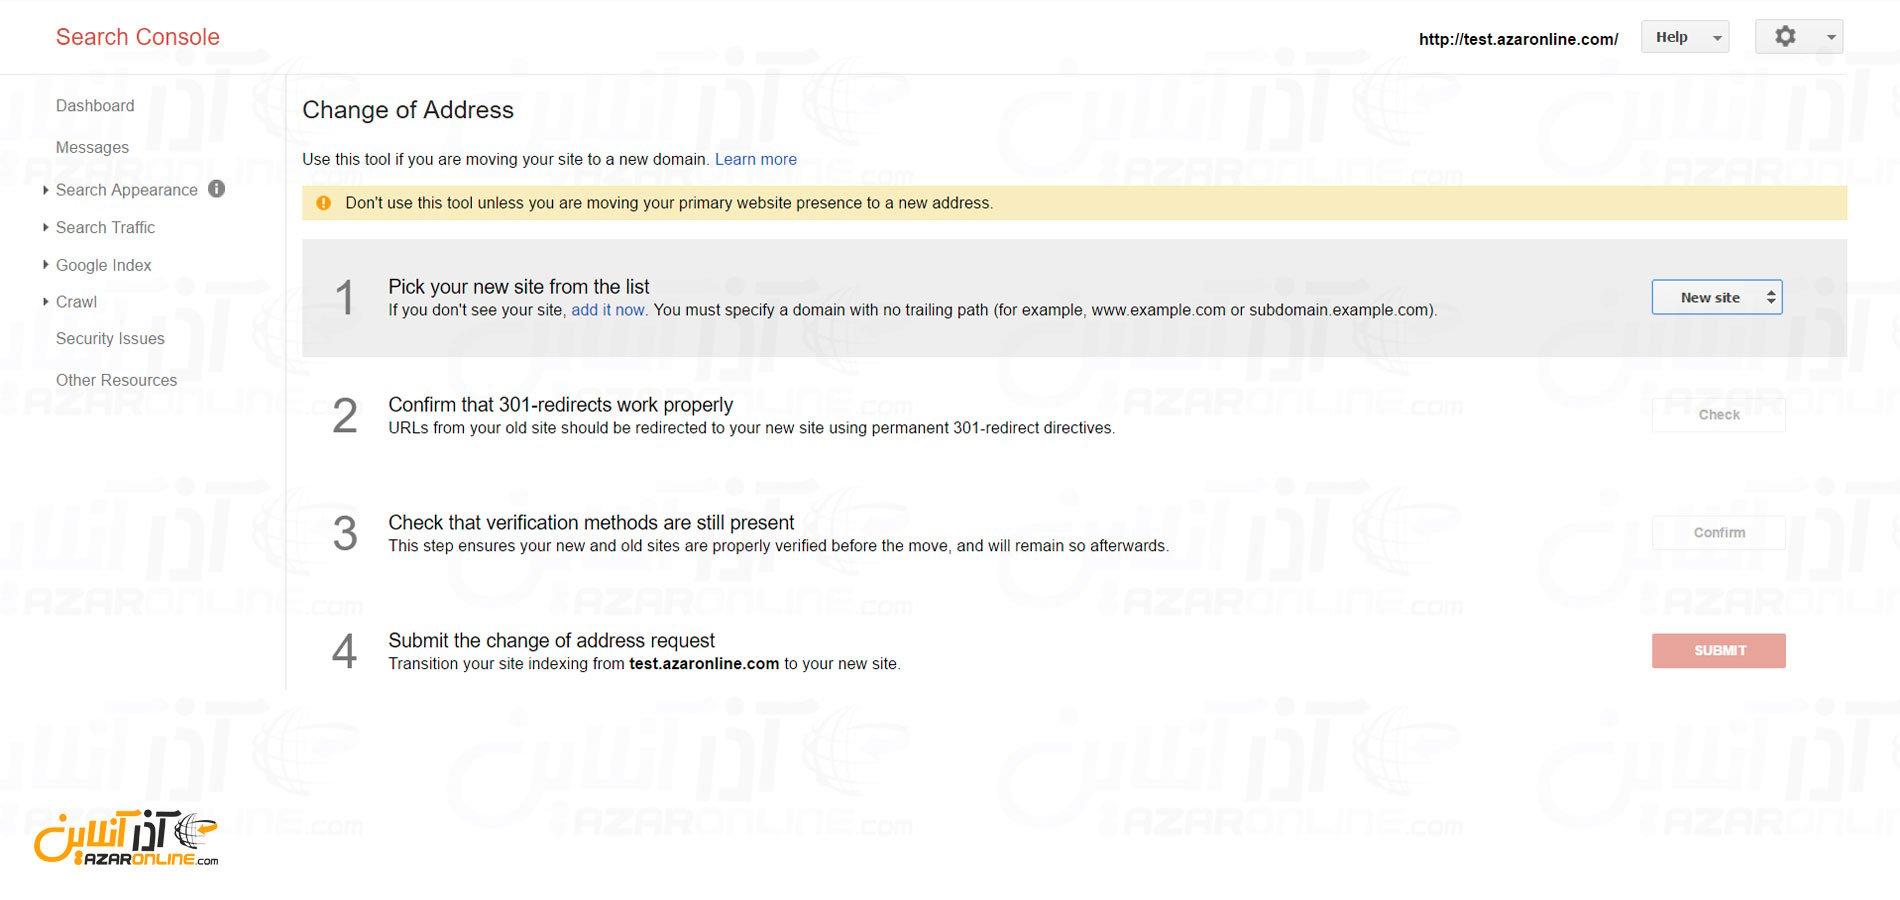 ریدایرکت دامنه بدون تغییر در رتبه گوگل - صفحه تغییر دامین